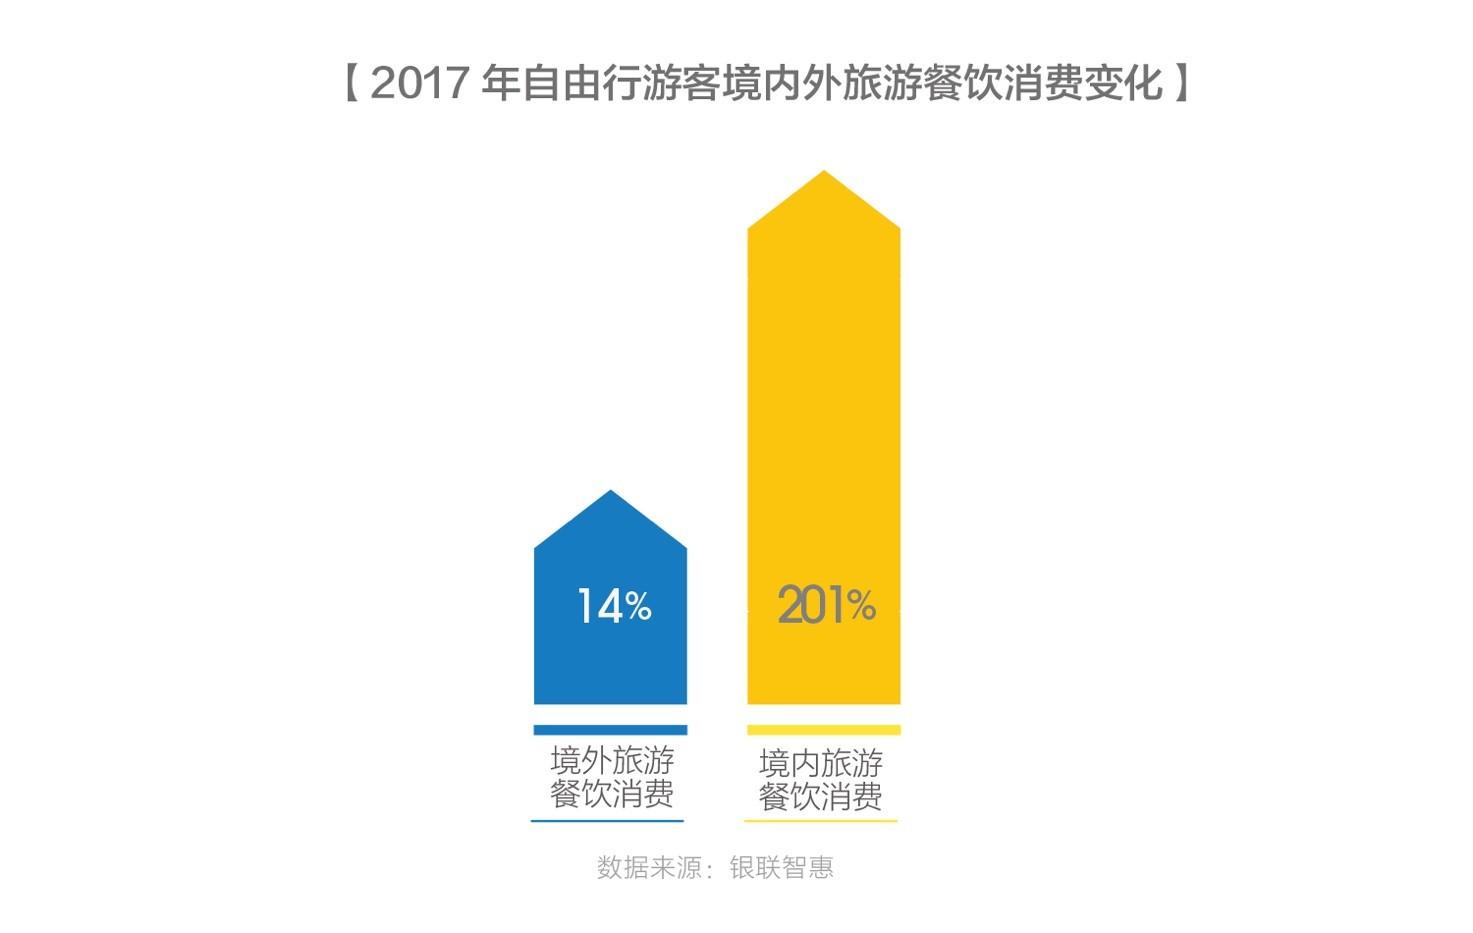 蚂蜂窝:中国人旅游餐饮消费呈两倍增长,爱用旅行寻找正宗味道